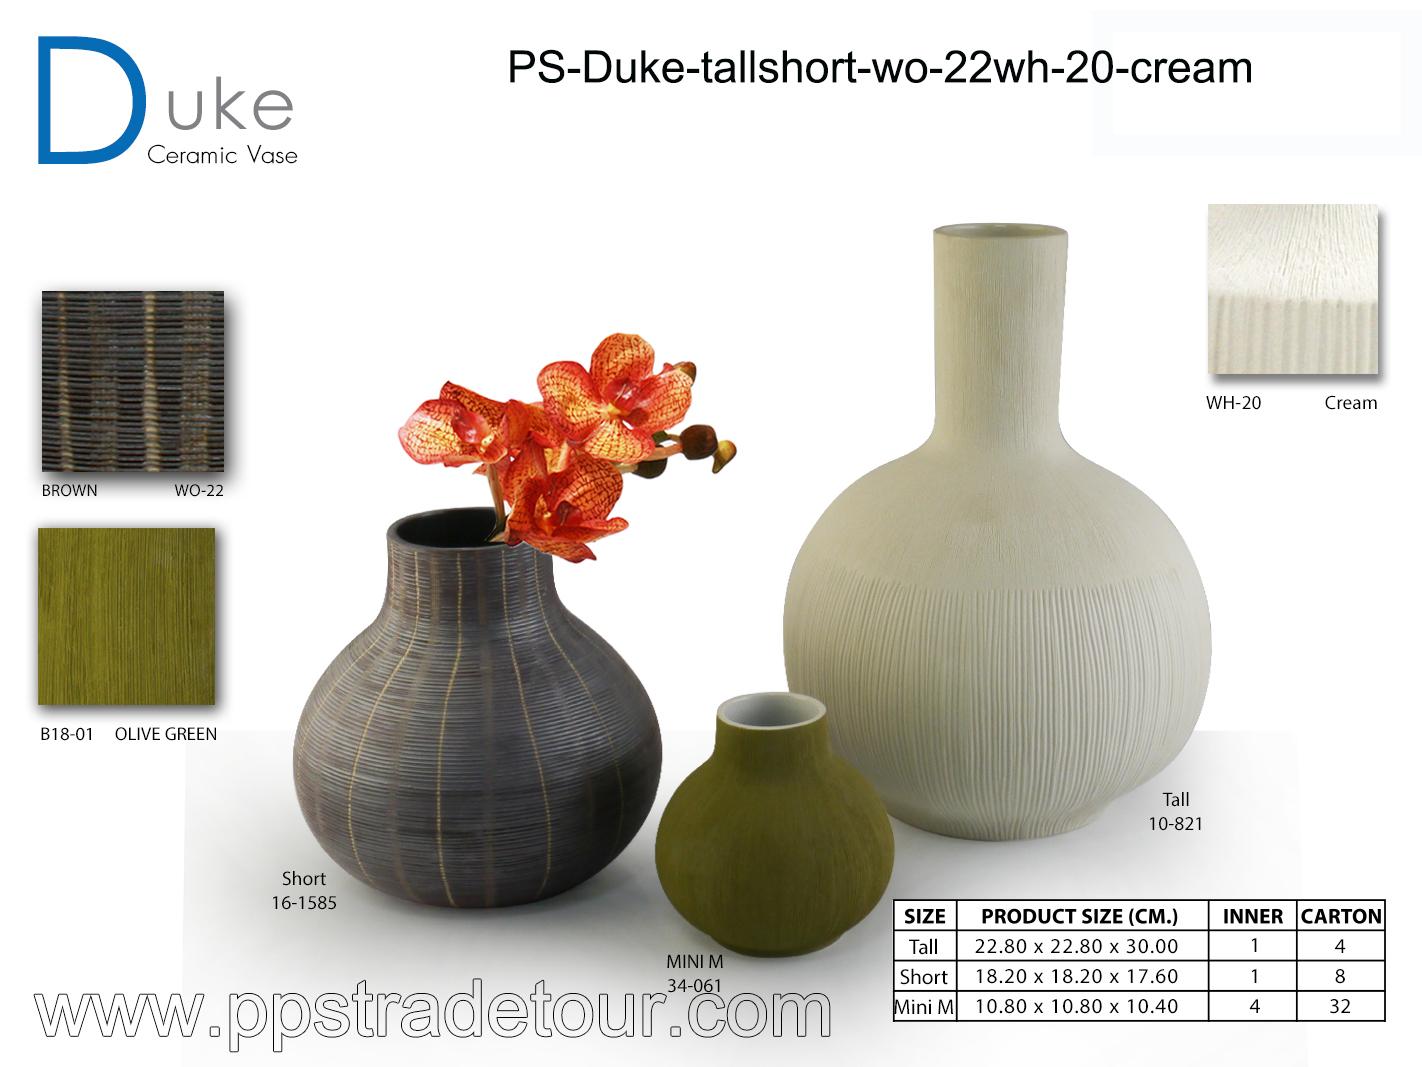 PSCV-DUKE-TALLSHORT-WO-22WH-20-CREAM